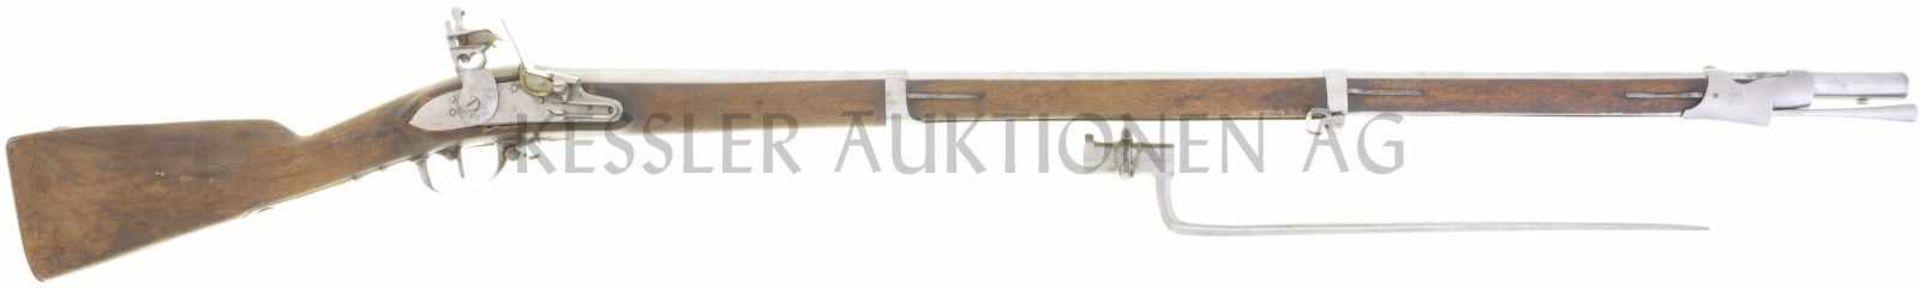 Steinschlossgewehr, Infanterie 1817 (franz. 1777), Kant. BL, Kal. 17.6mm LL 1030mm, TL 1410mm,